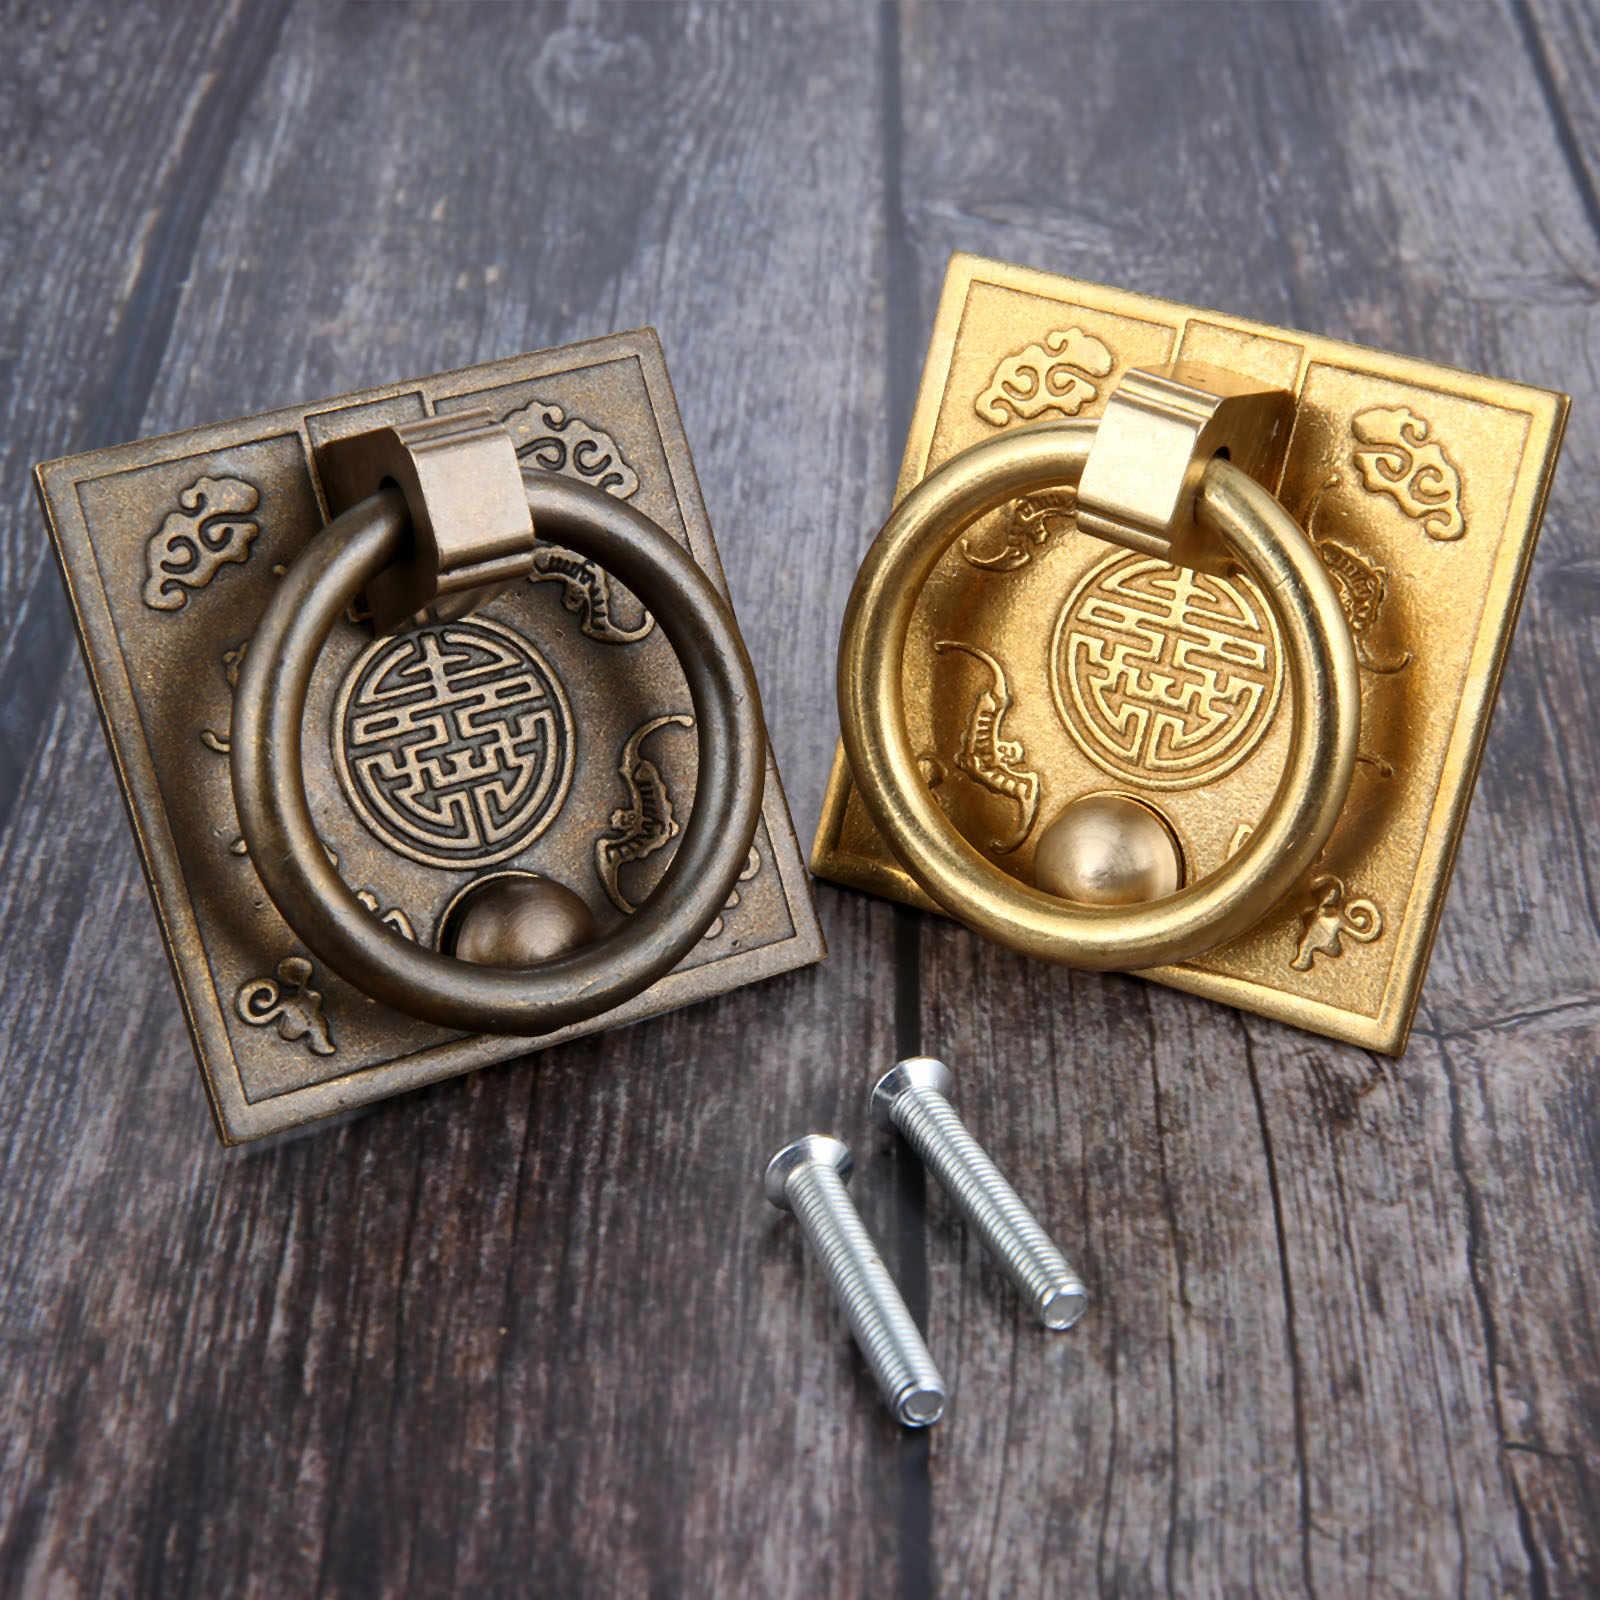 60*60 มม.ทองเหลืองโบราณโบราณตู้จับประตูจีนสไตล์ Drop จับตู้ลิ้นชักจับ